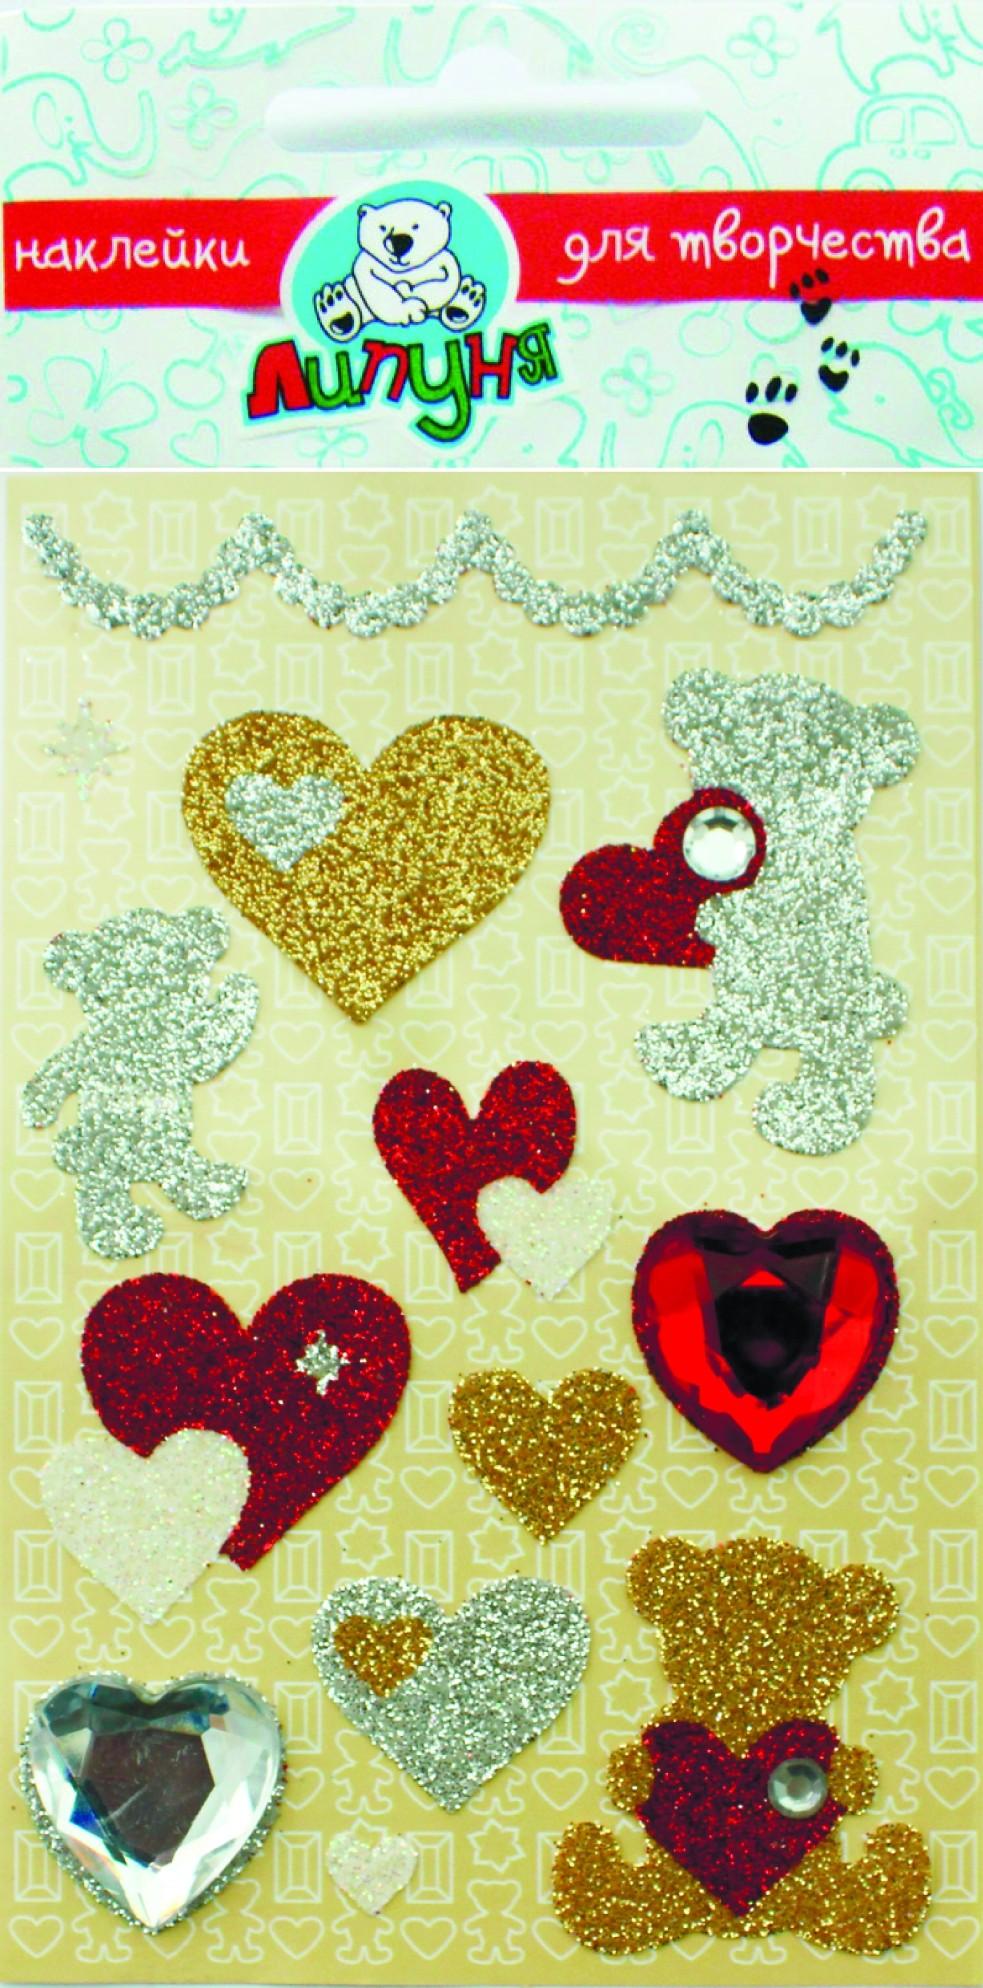 Наклейки Липуня Наклейки Липуня «Мишки с сердечками» с блестками